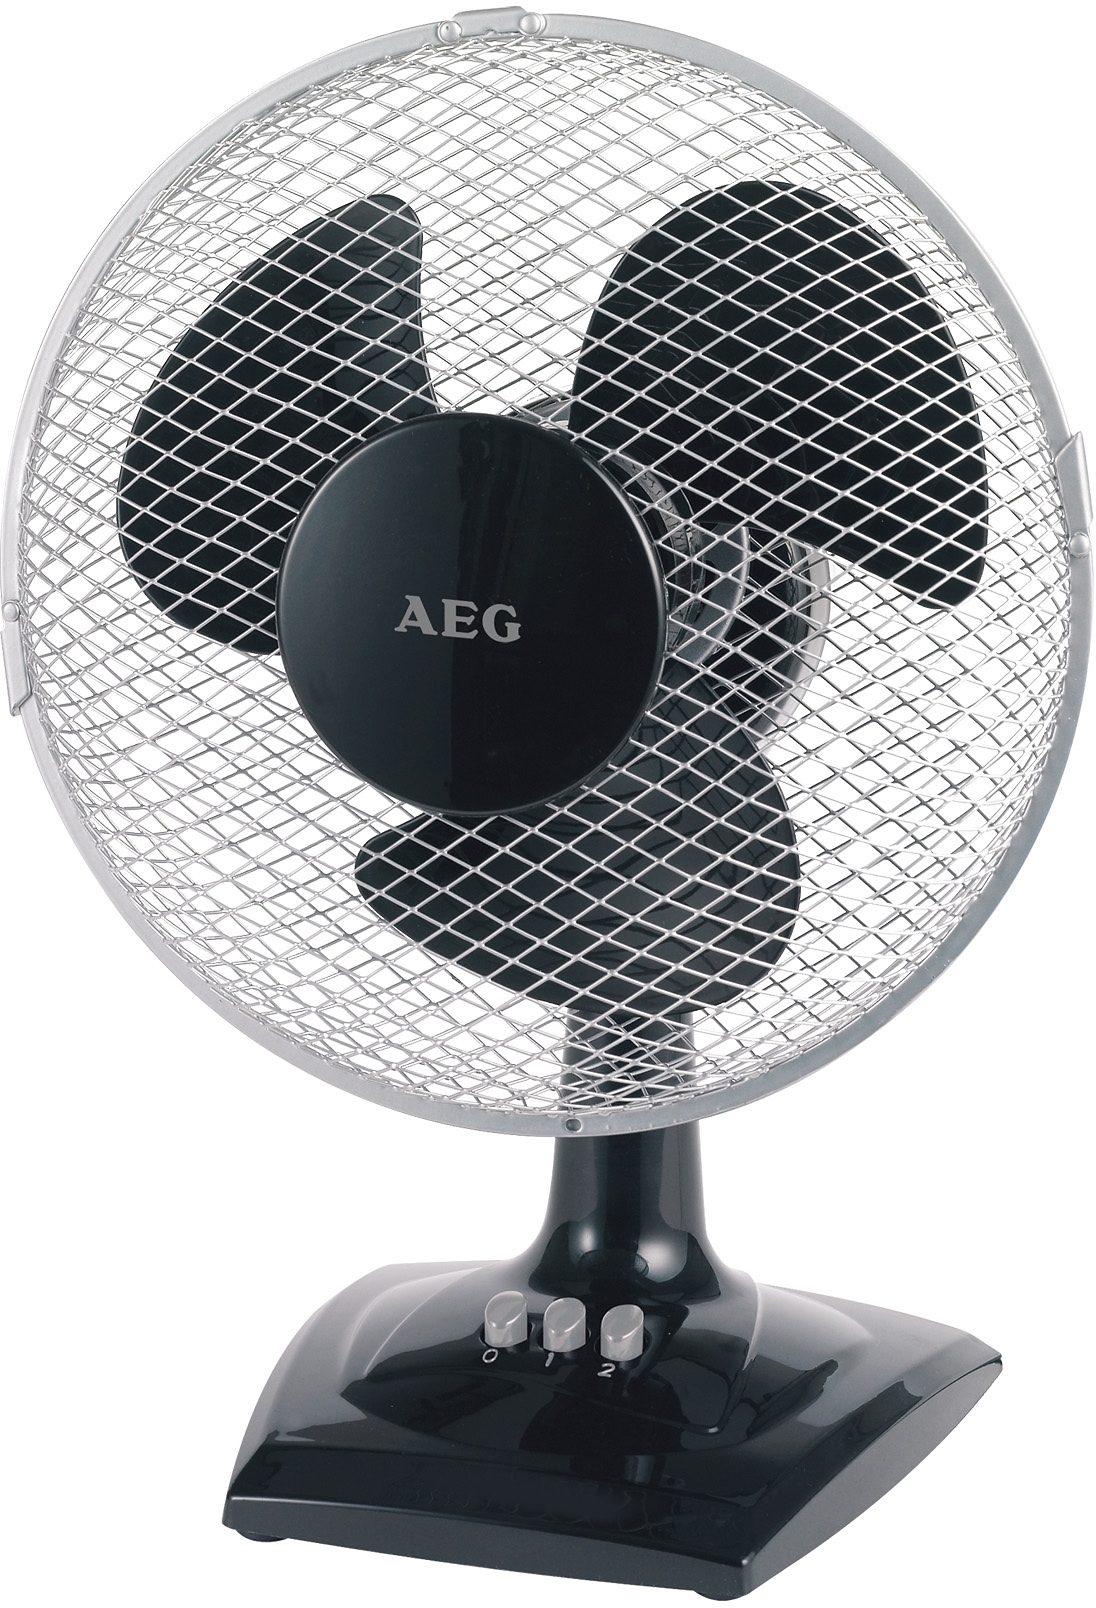 AEG Tisch-/Wand-Ventilator VL 5528, 23 cm Durchmesser